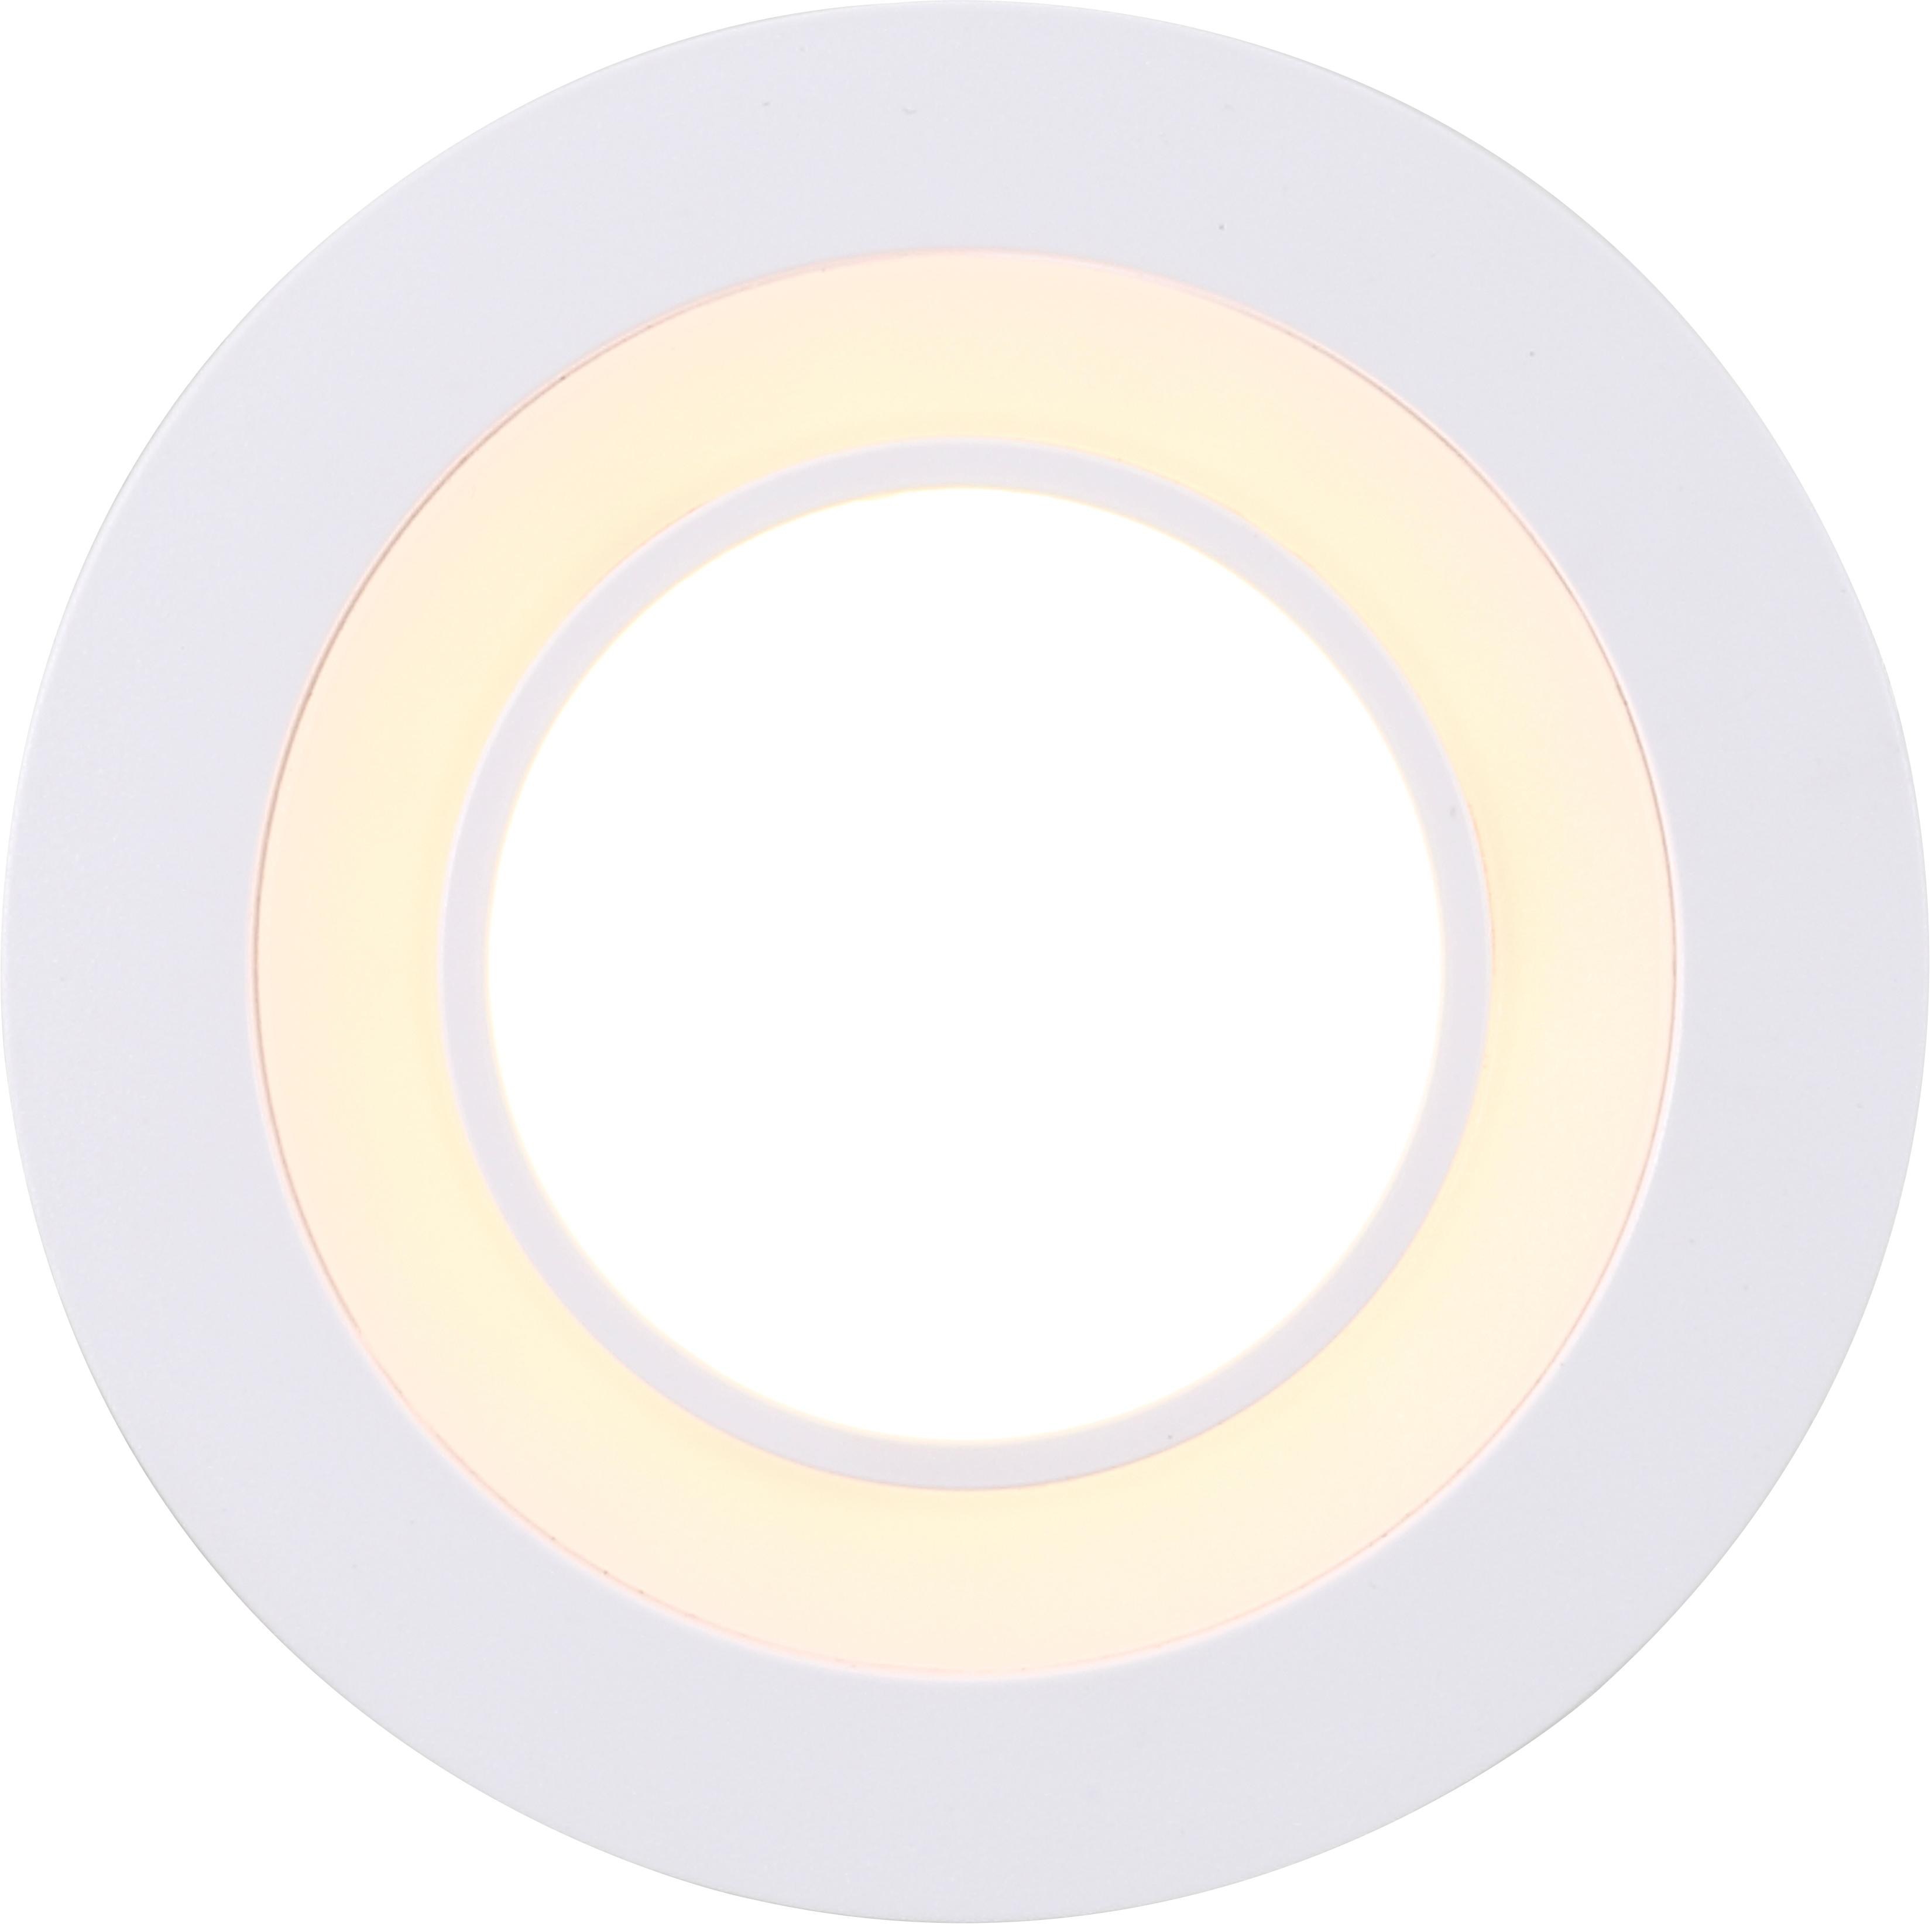 Nordlux LED Einbaustrahler 2er Set Clyde 8, LED-Board, Warmweiß, Einbauleuchte mit integriertem Dimmer